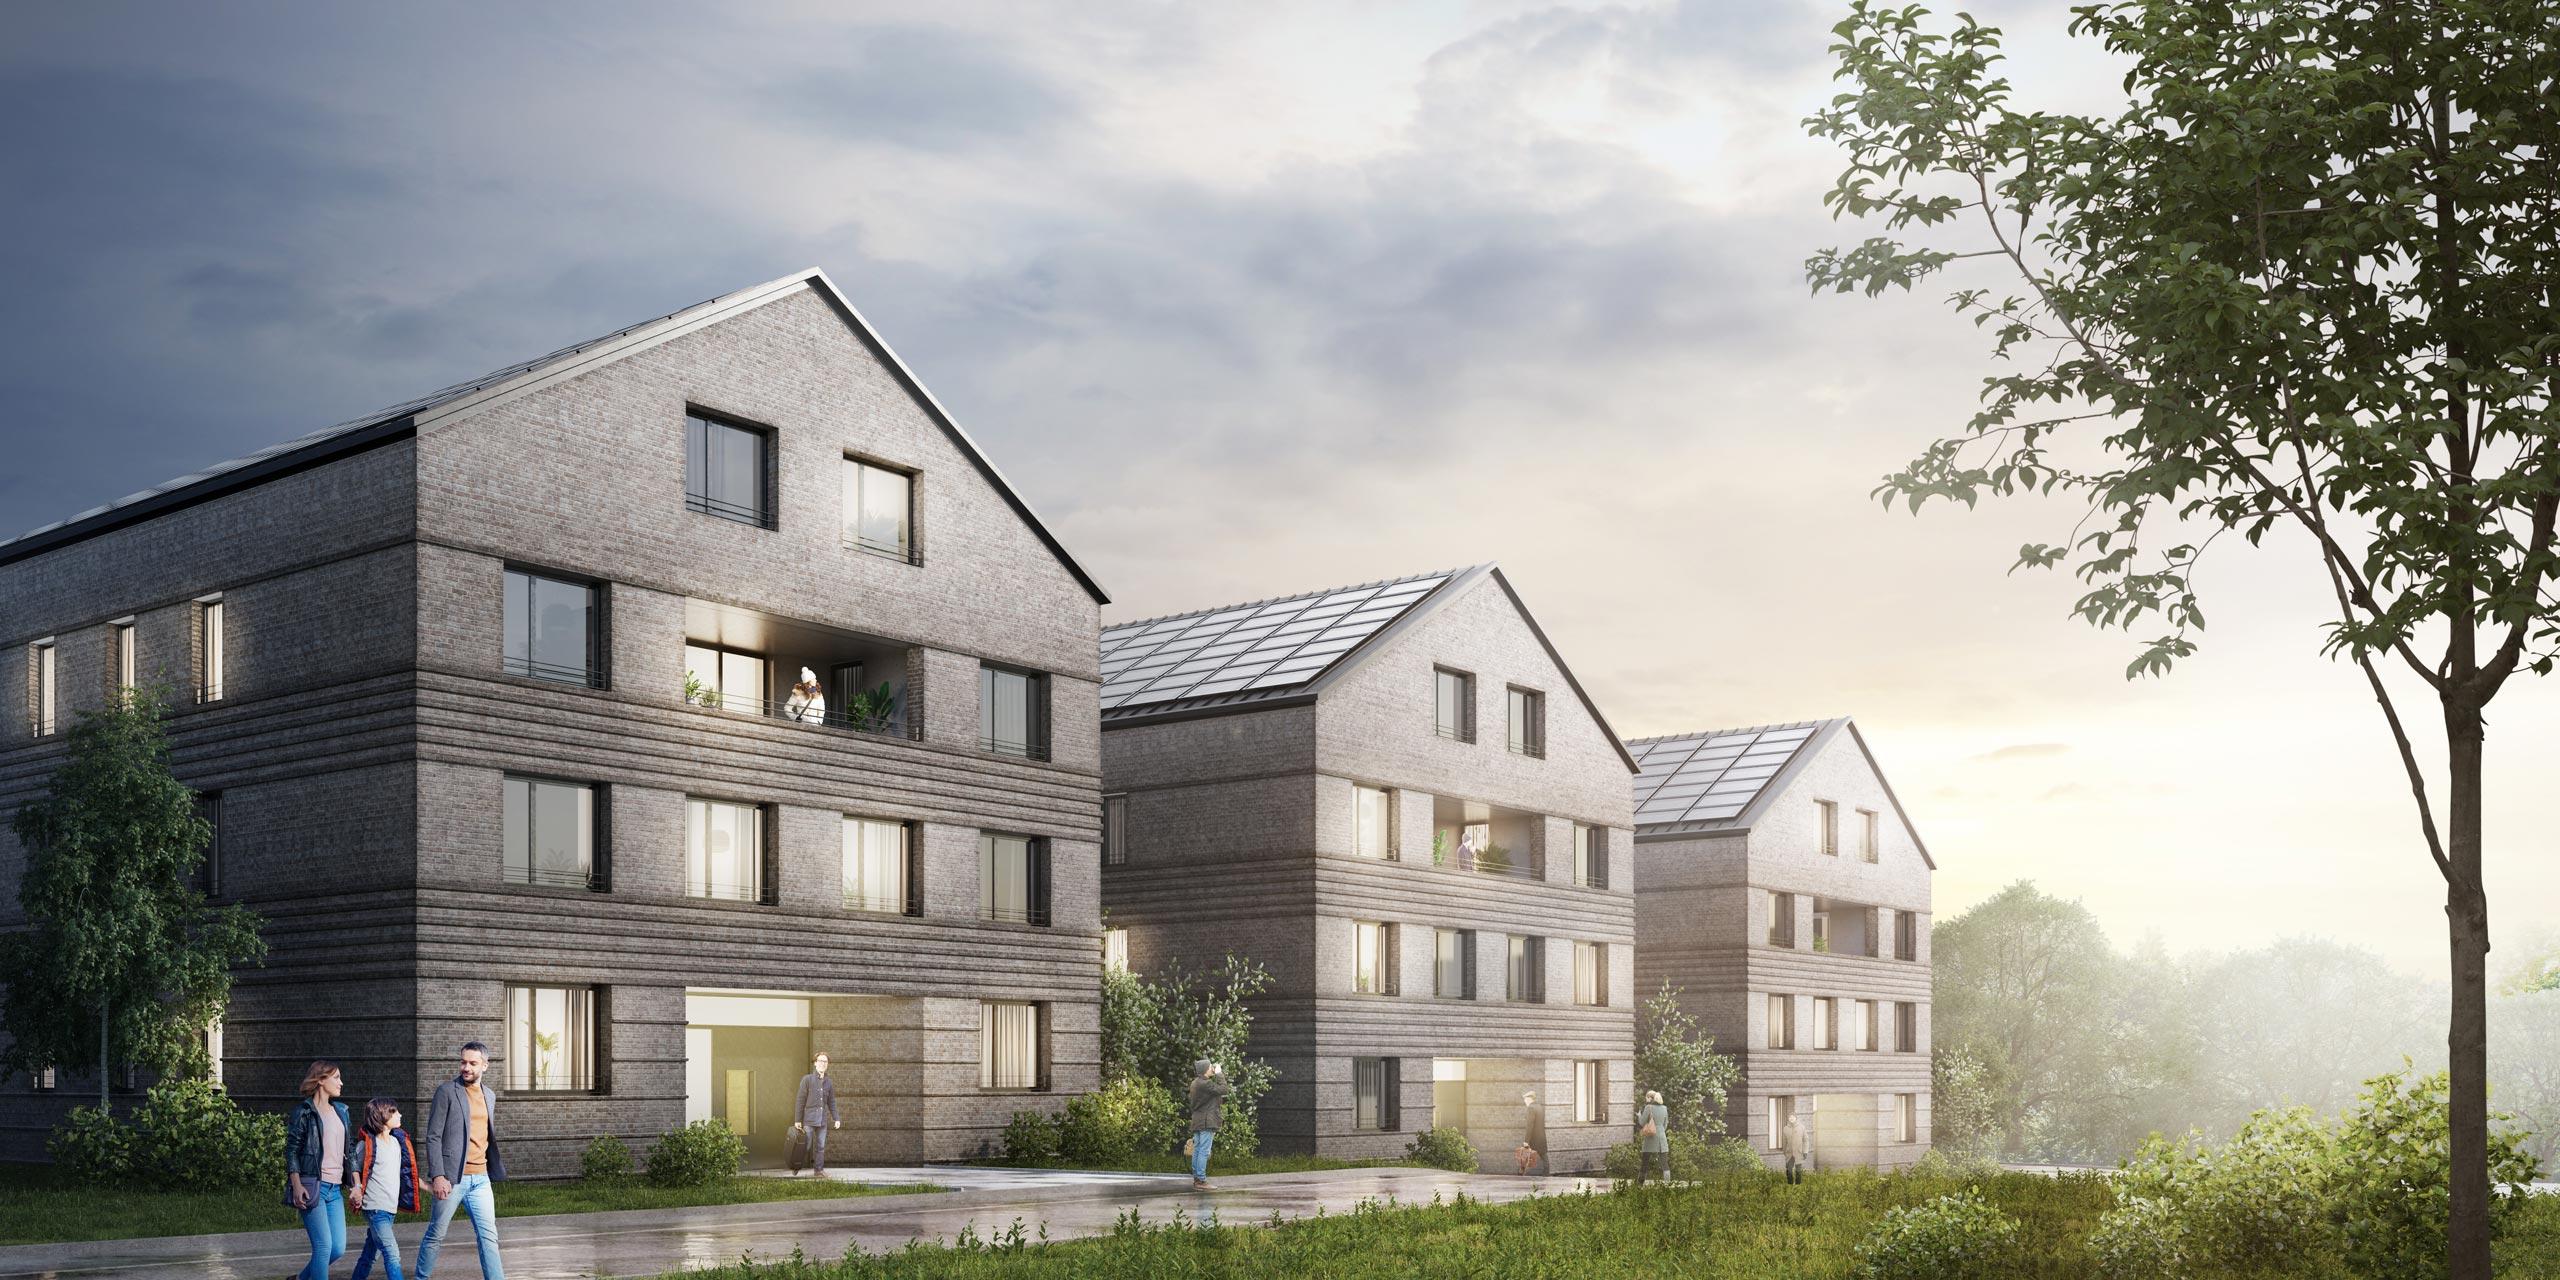 Wohungsbau Reiterhof Glücksgurg KLM Architekten Leipzig